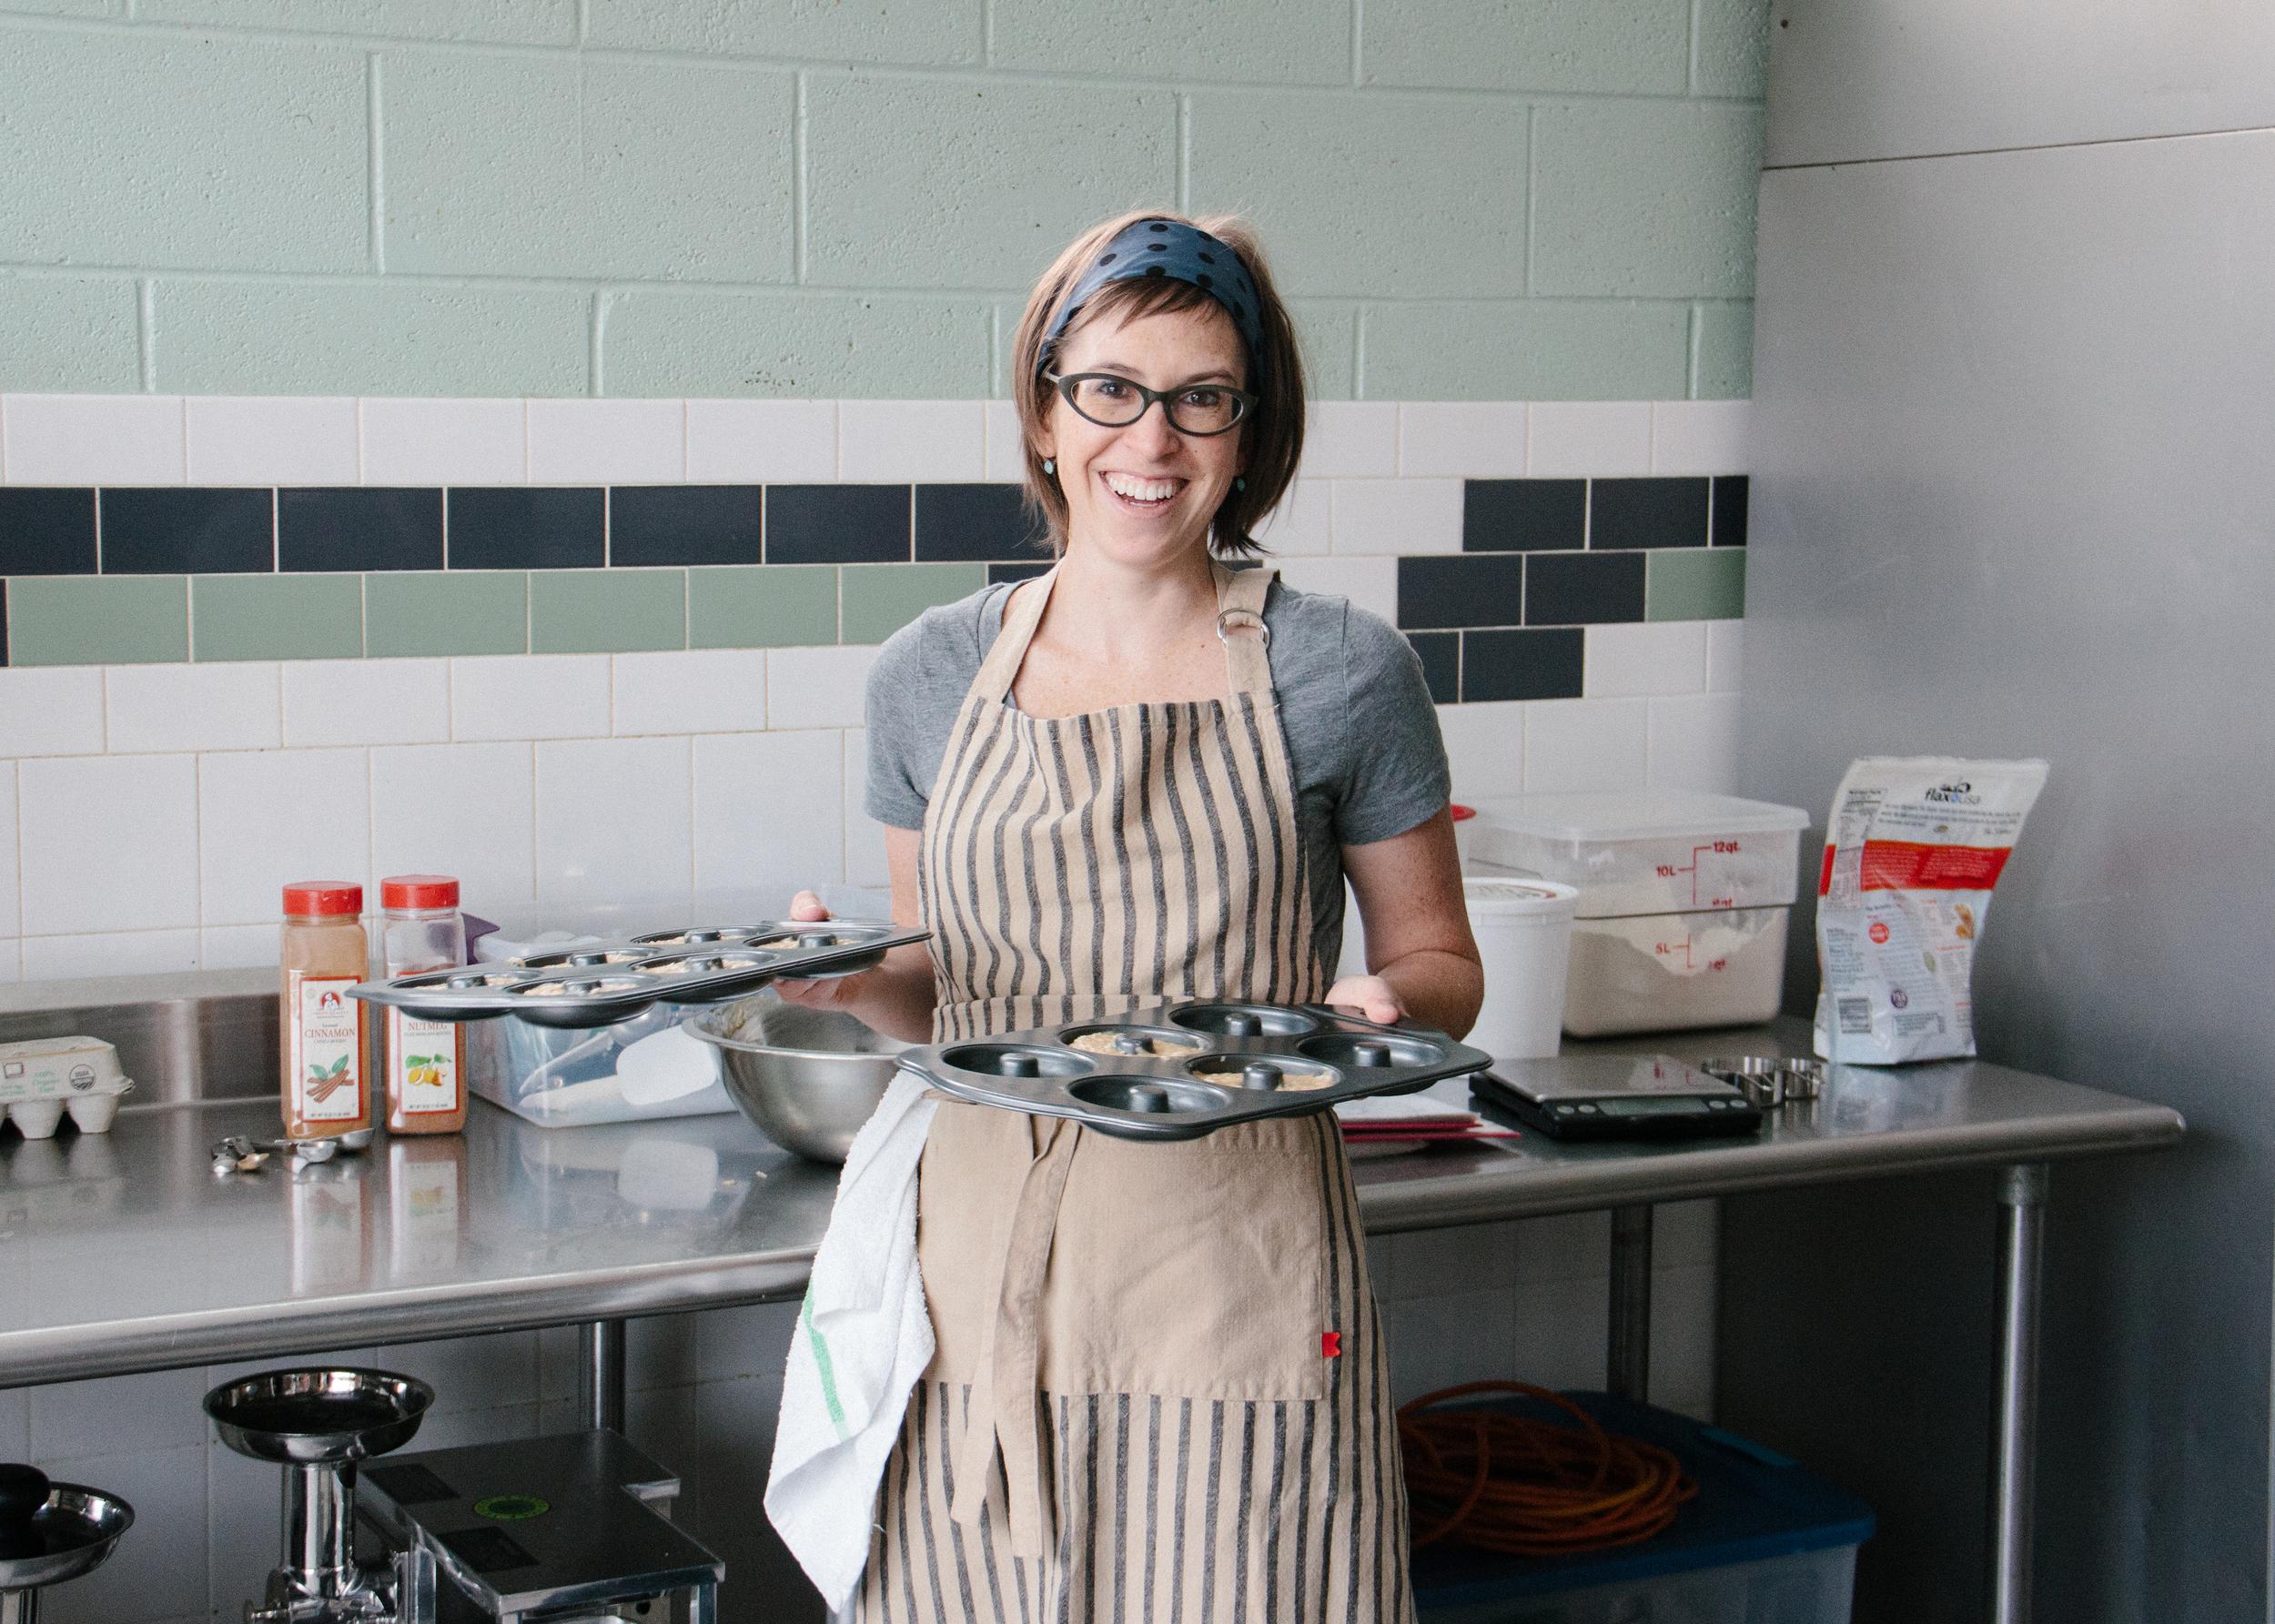 M olly Miller, owner and full-time baker of Sift Gluten Free Bakery.